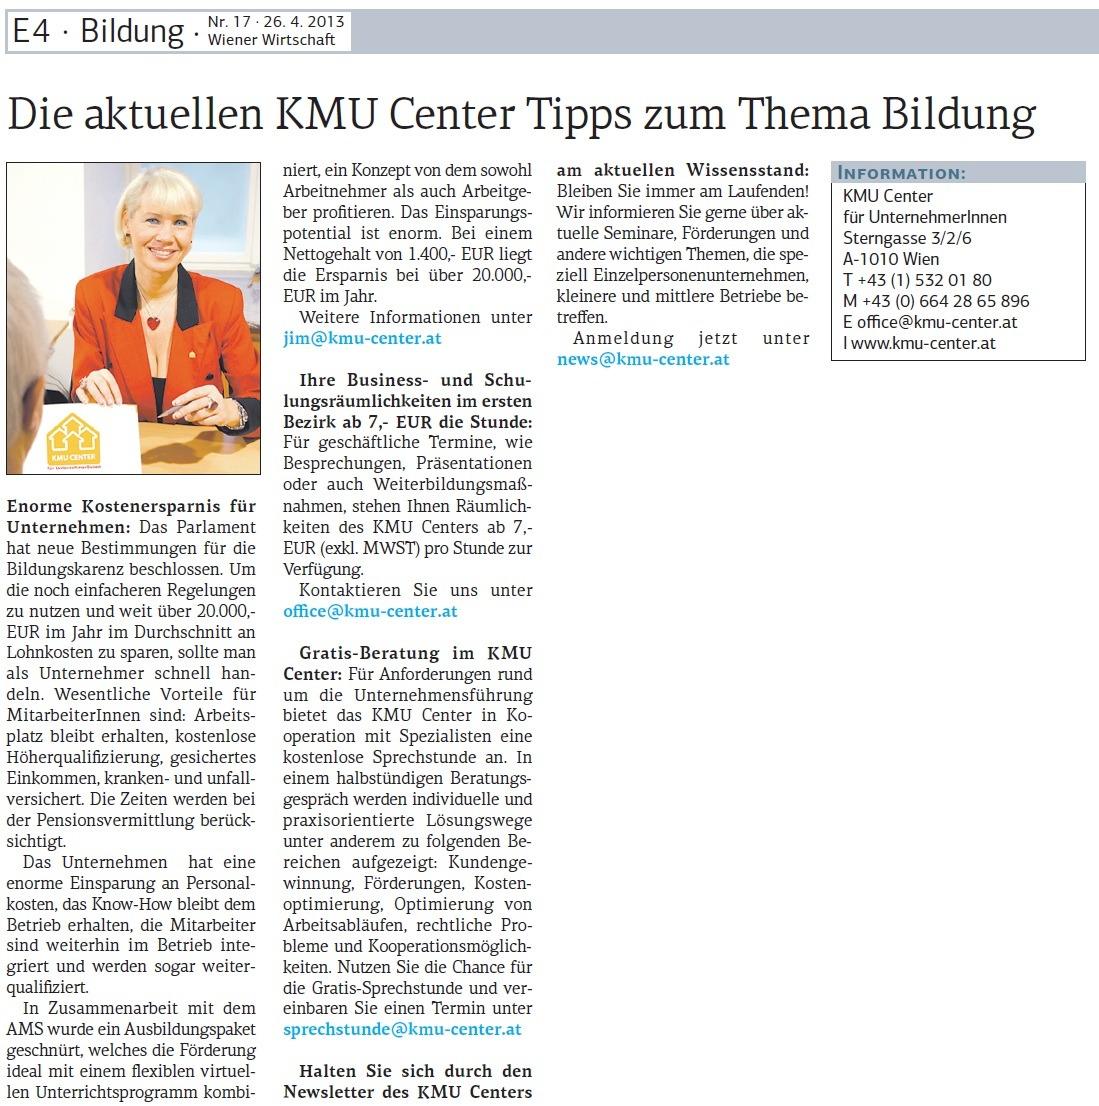 Wiener Wirtschaft 26.04.2013